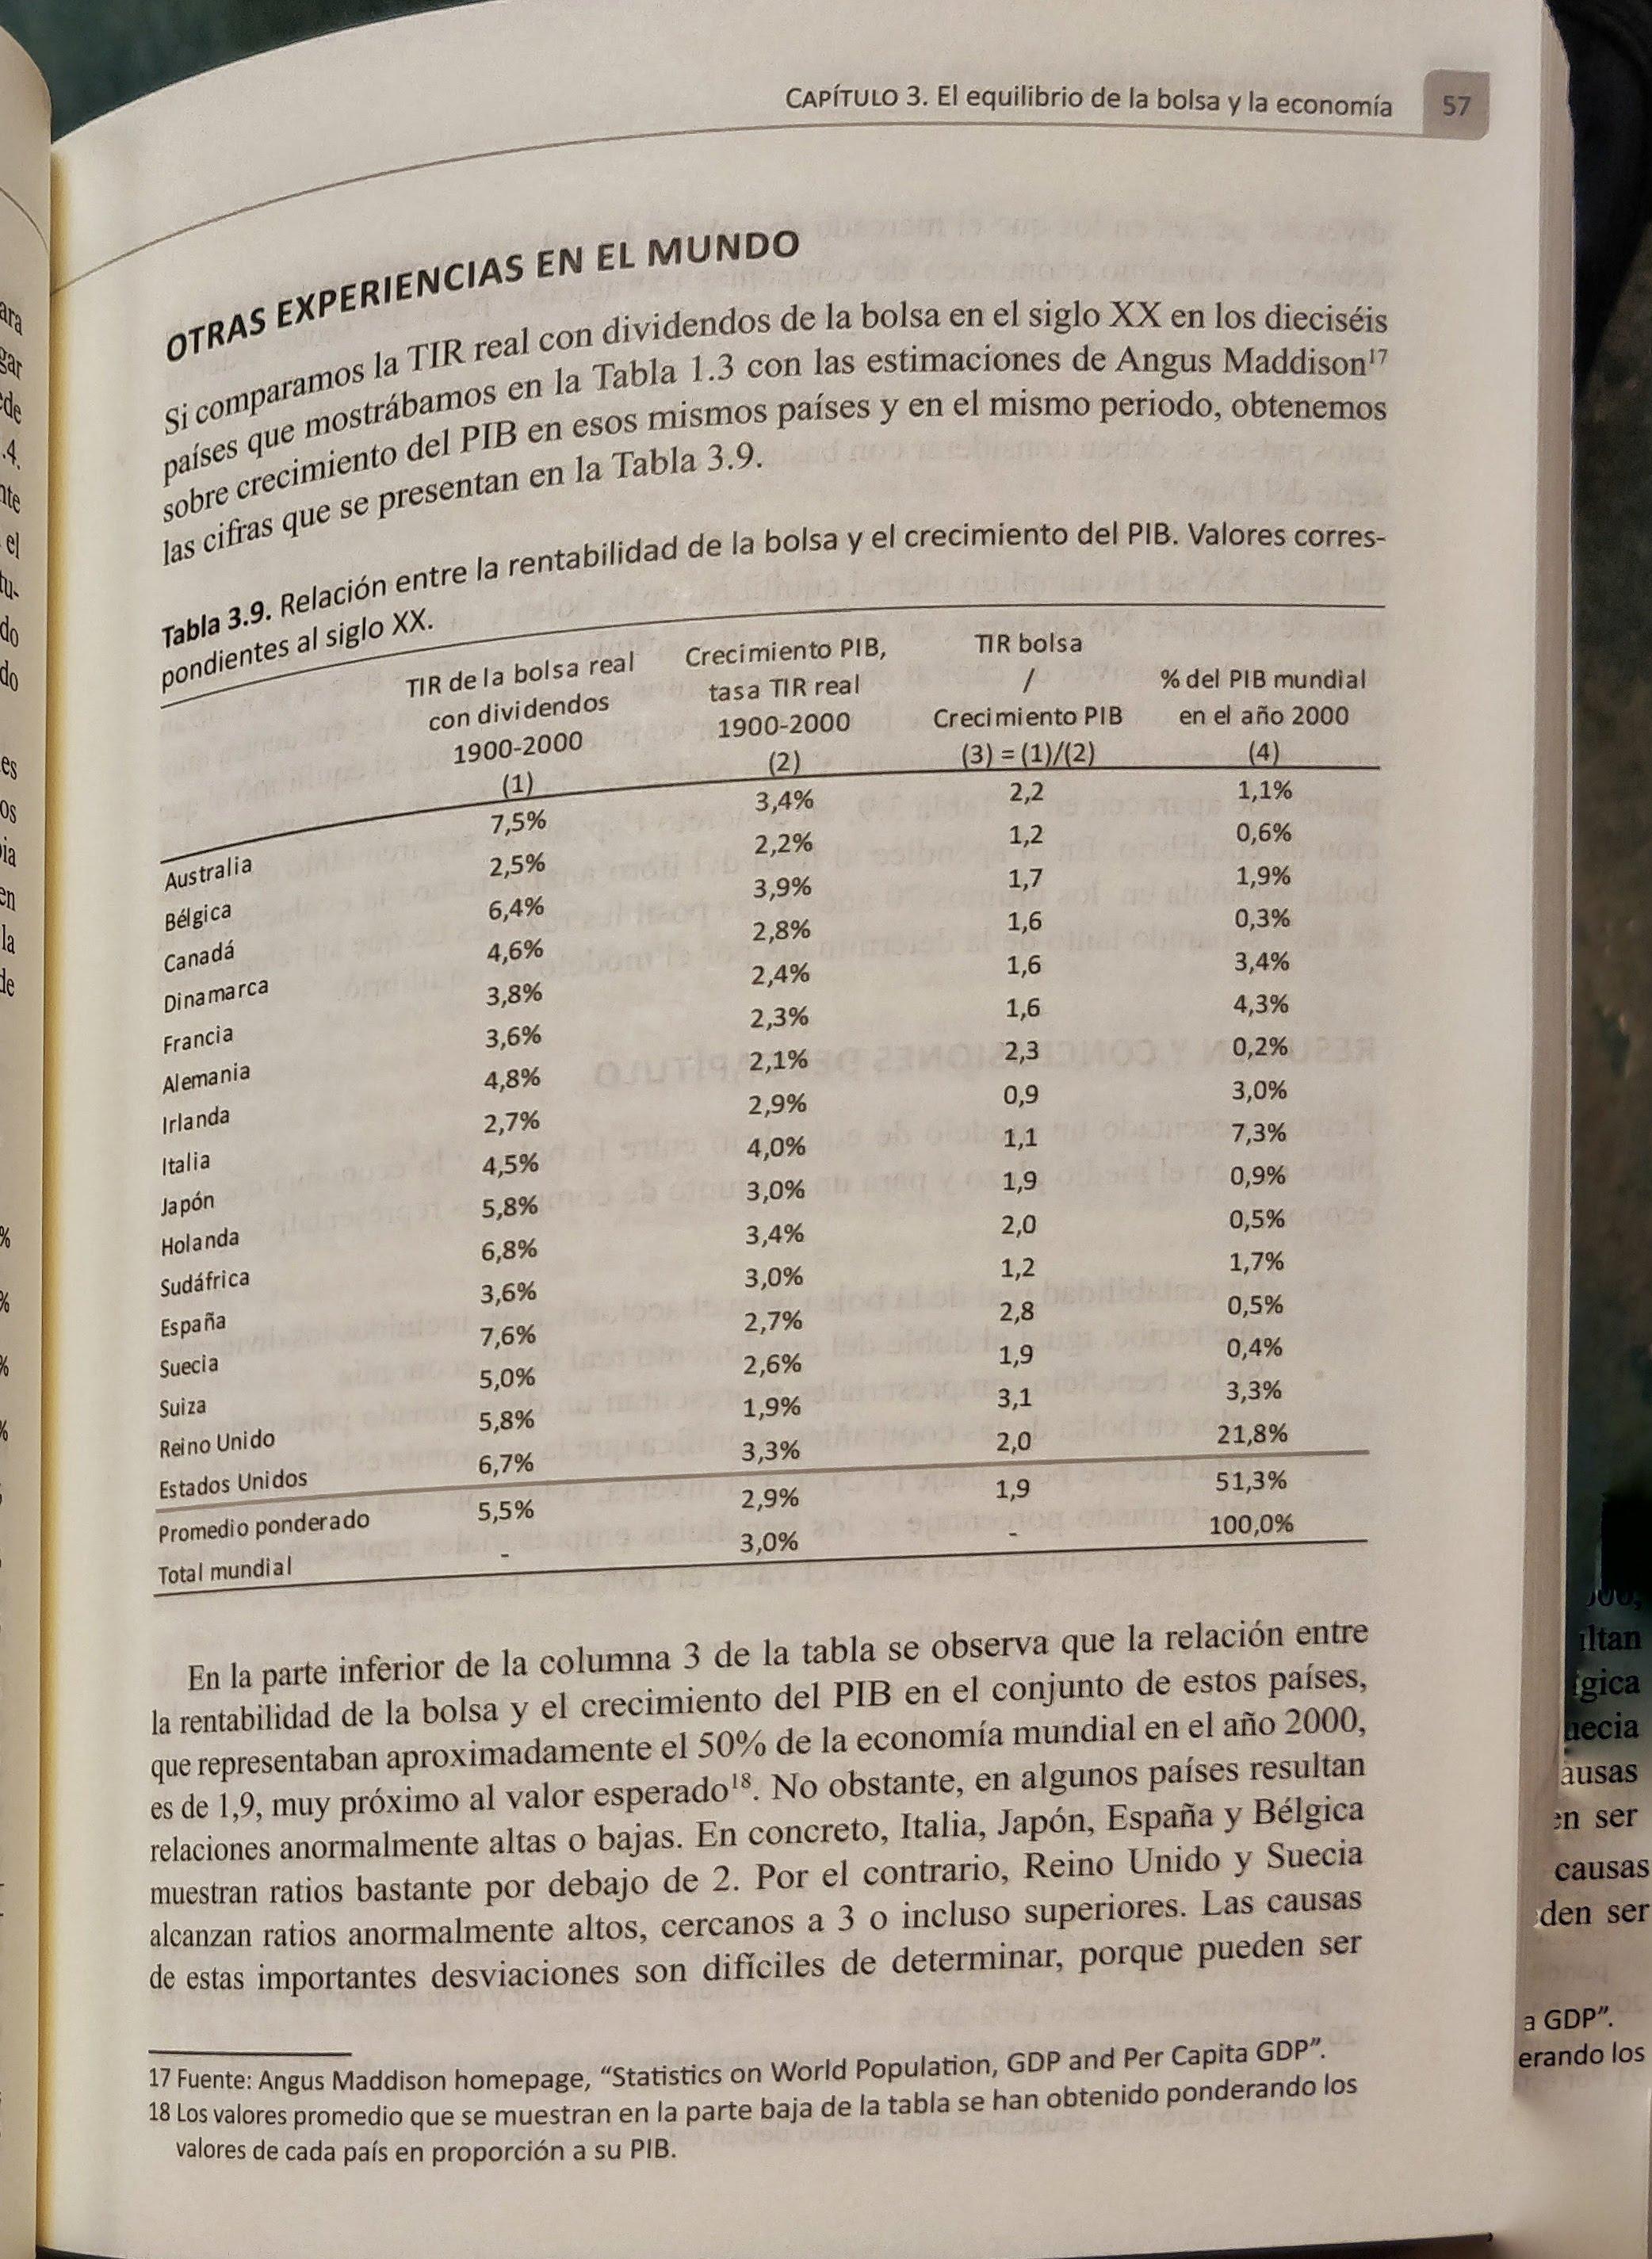 Relación entre rentabilida de la bolsa y el crecimiento del PIB